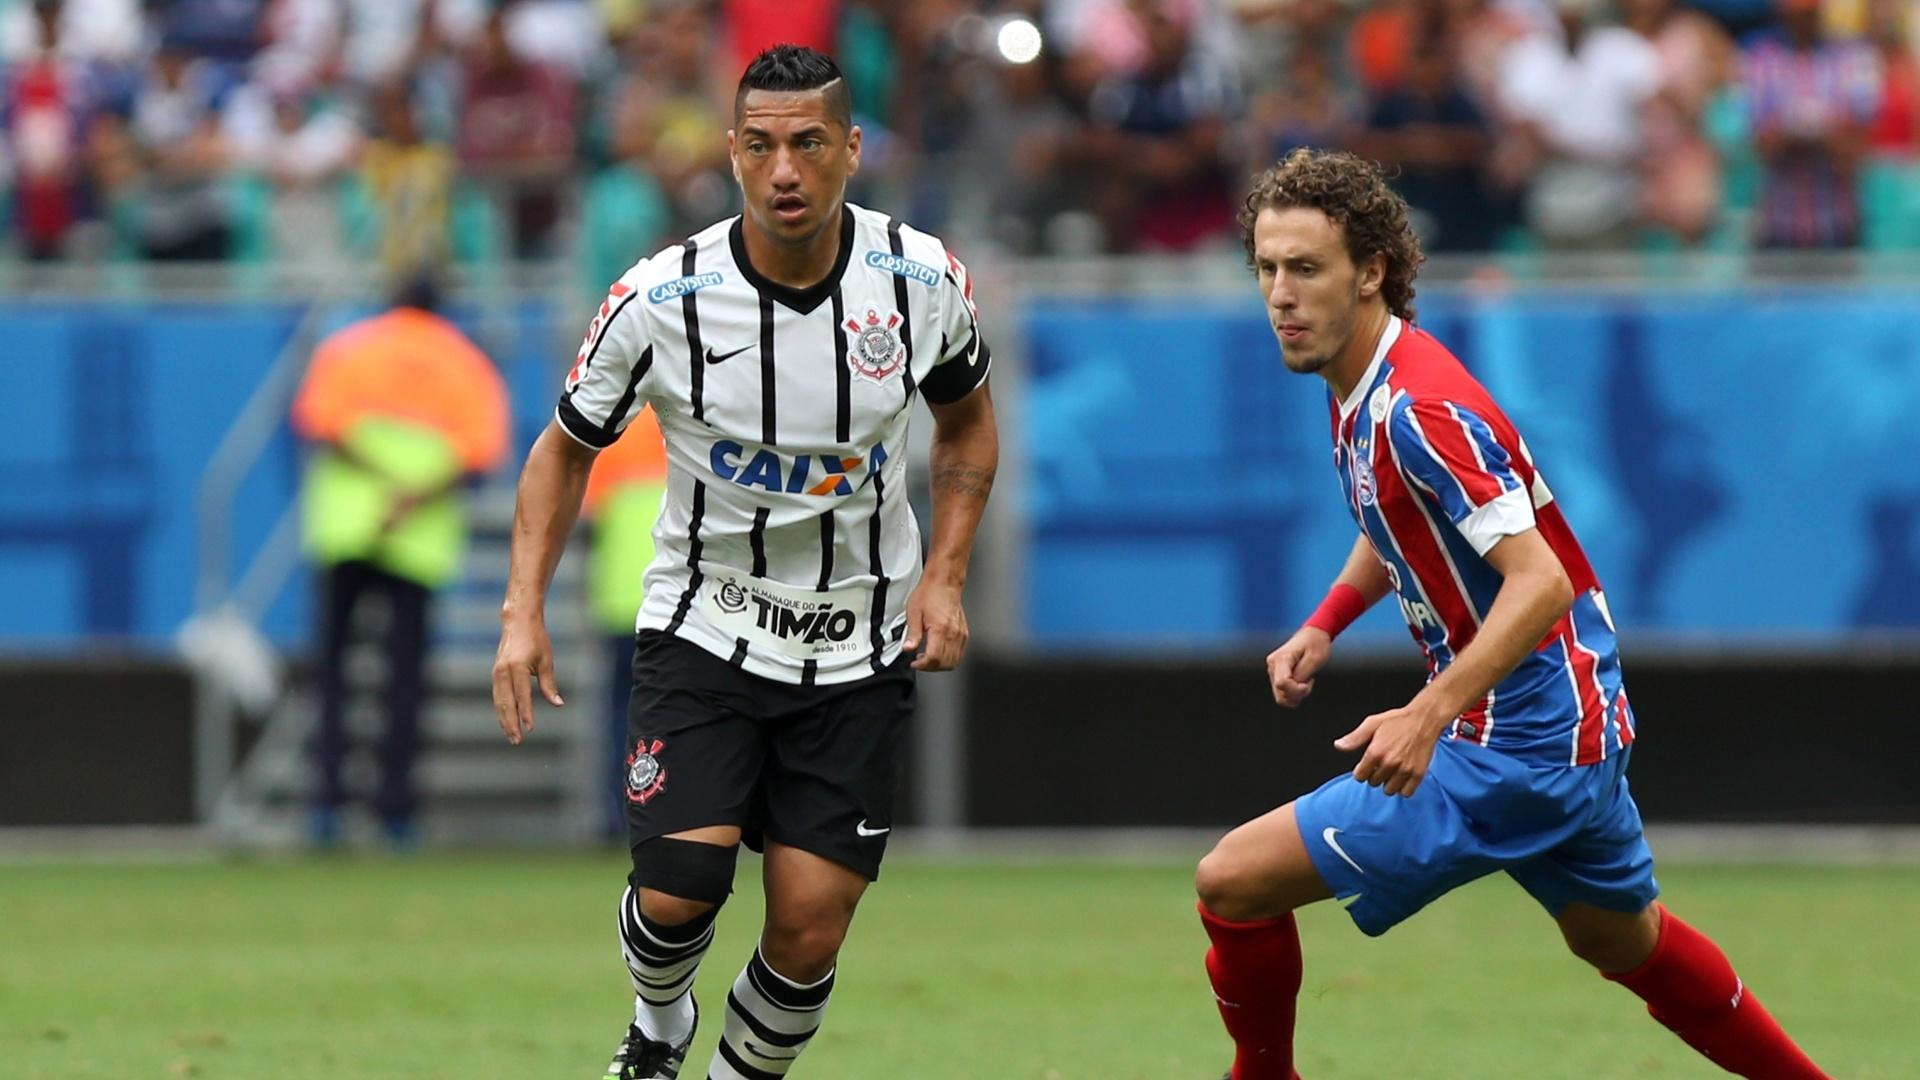 Ralf conduz a bola durante partida entre Bahia e Corinthians